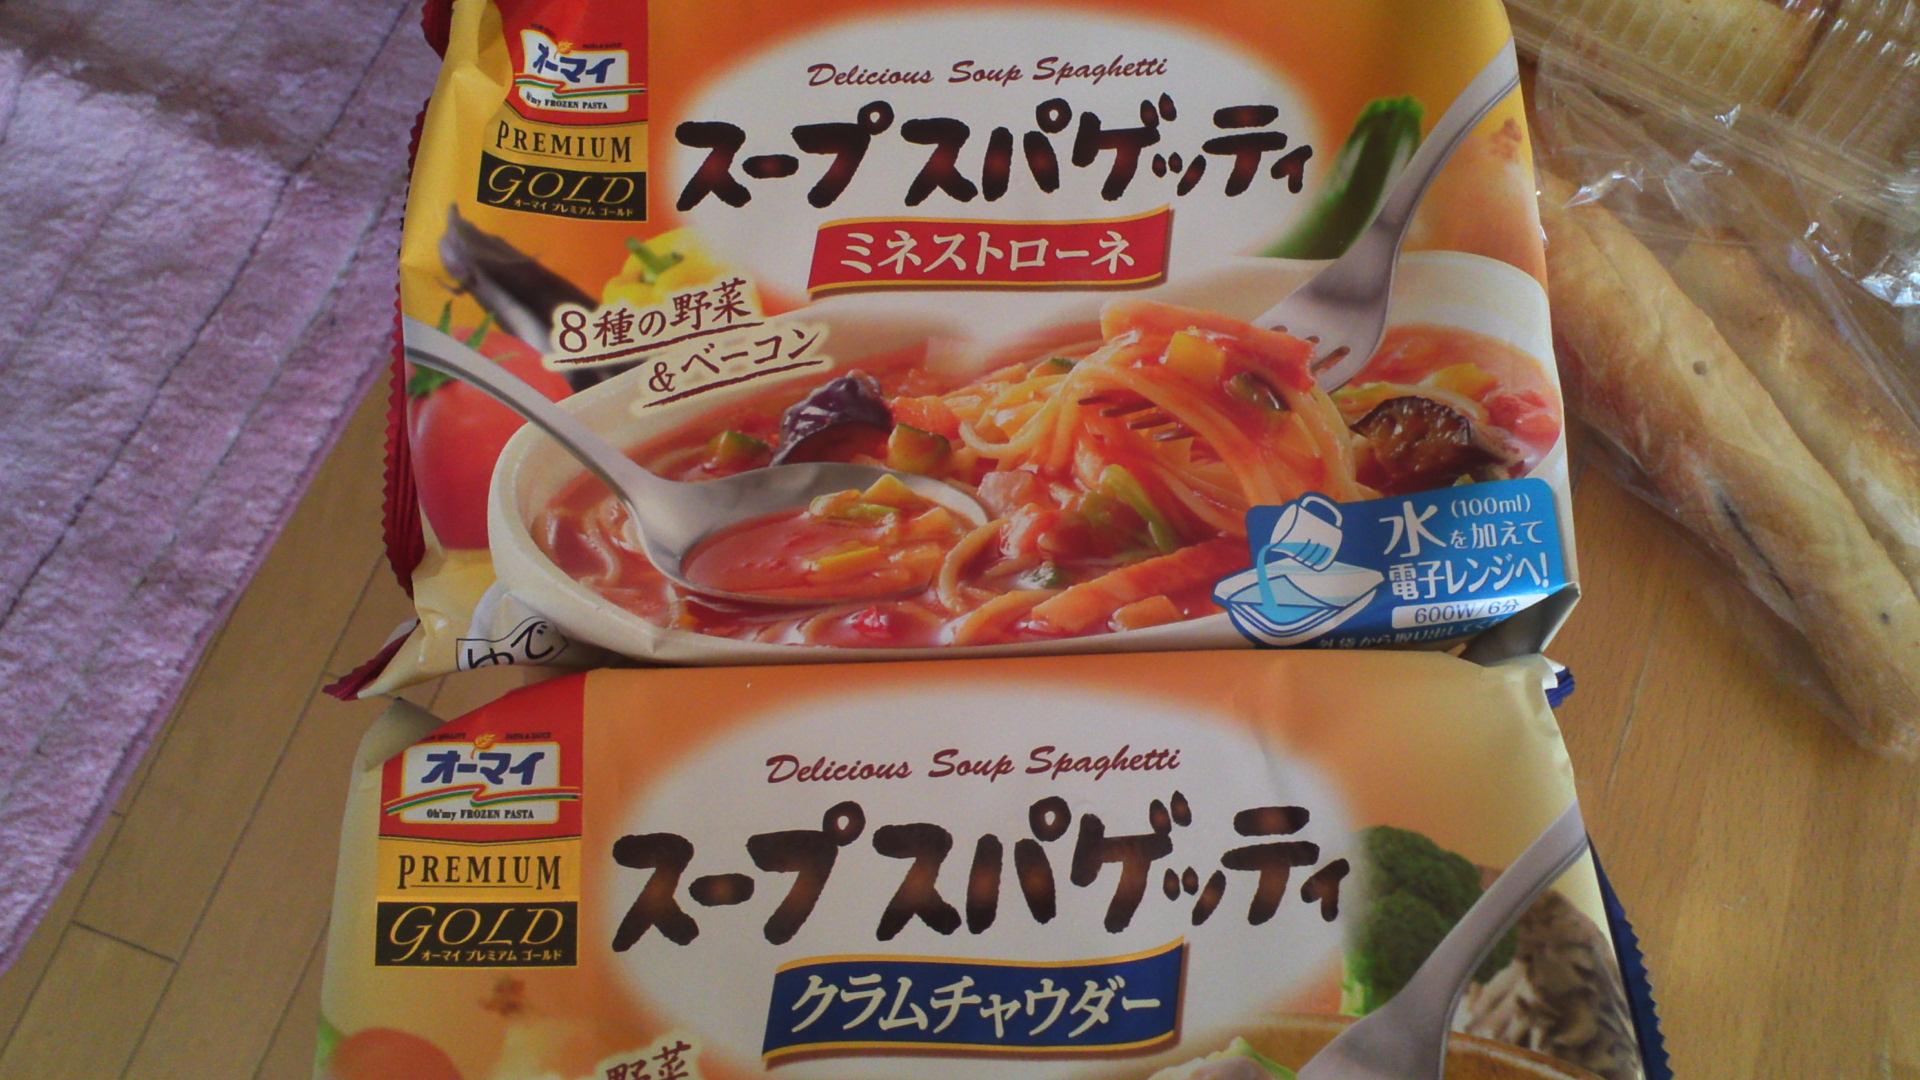 冷食のスープパスタがかなりウマイ